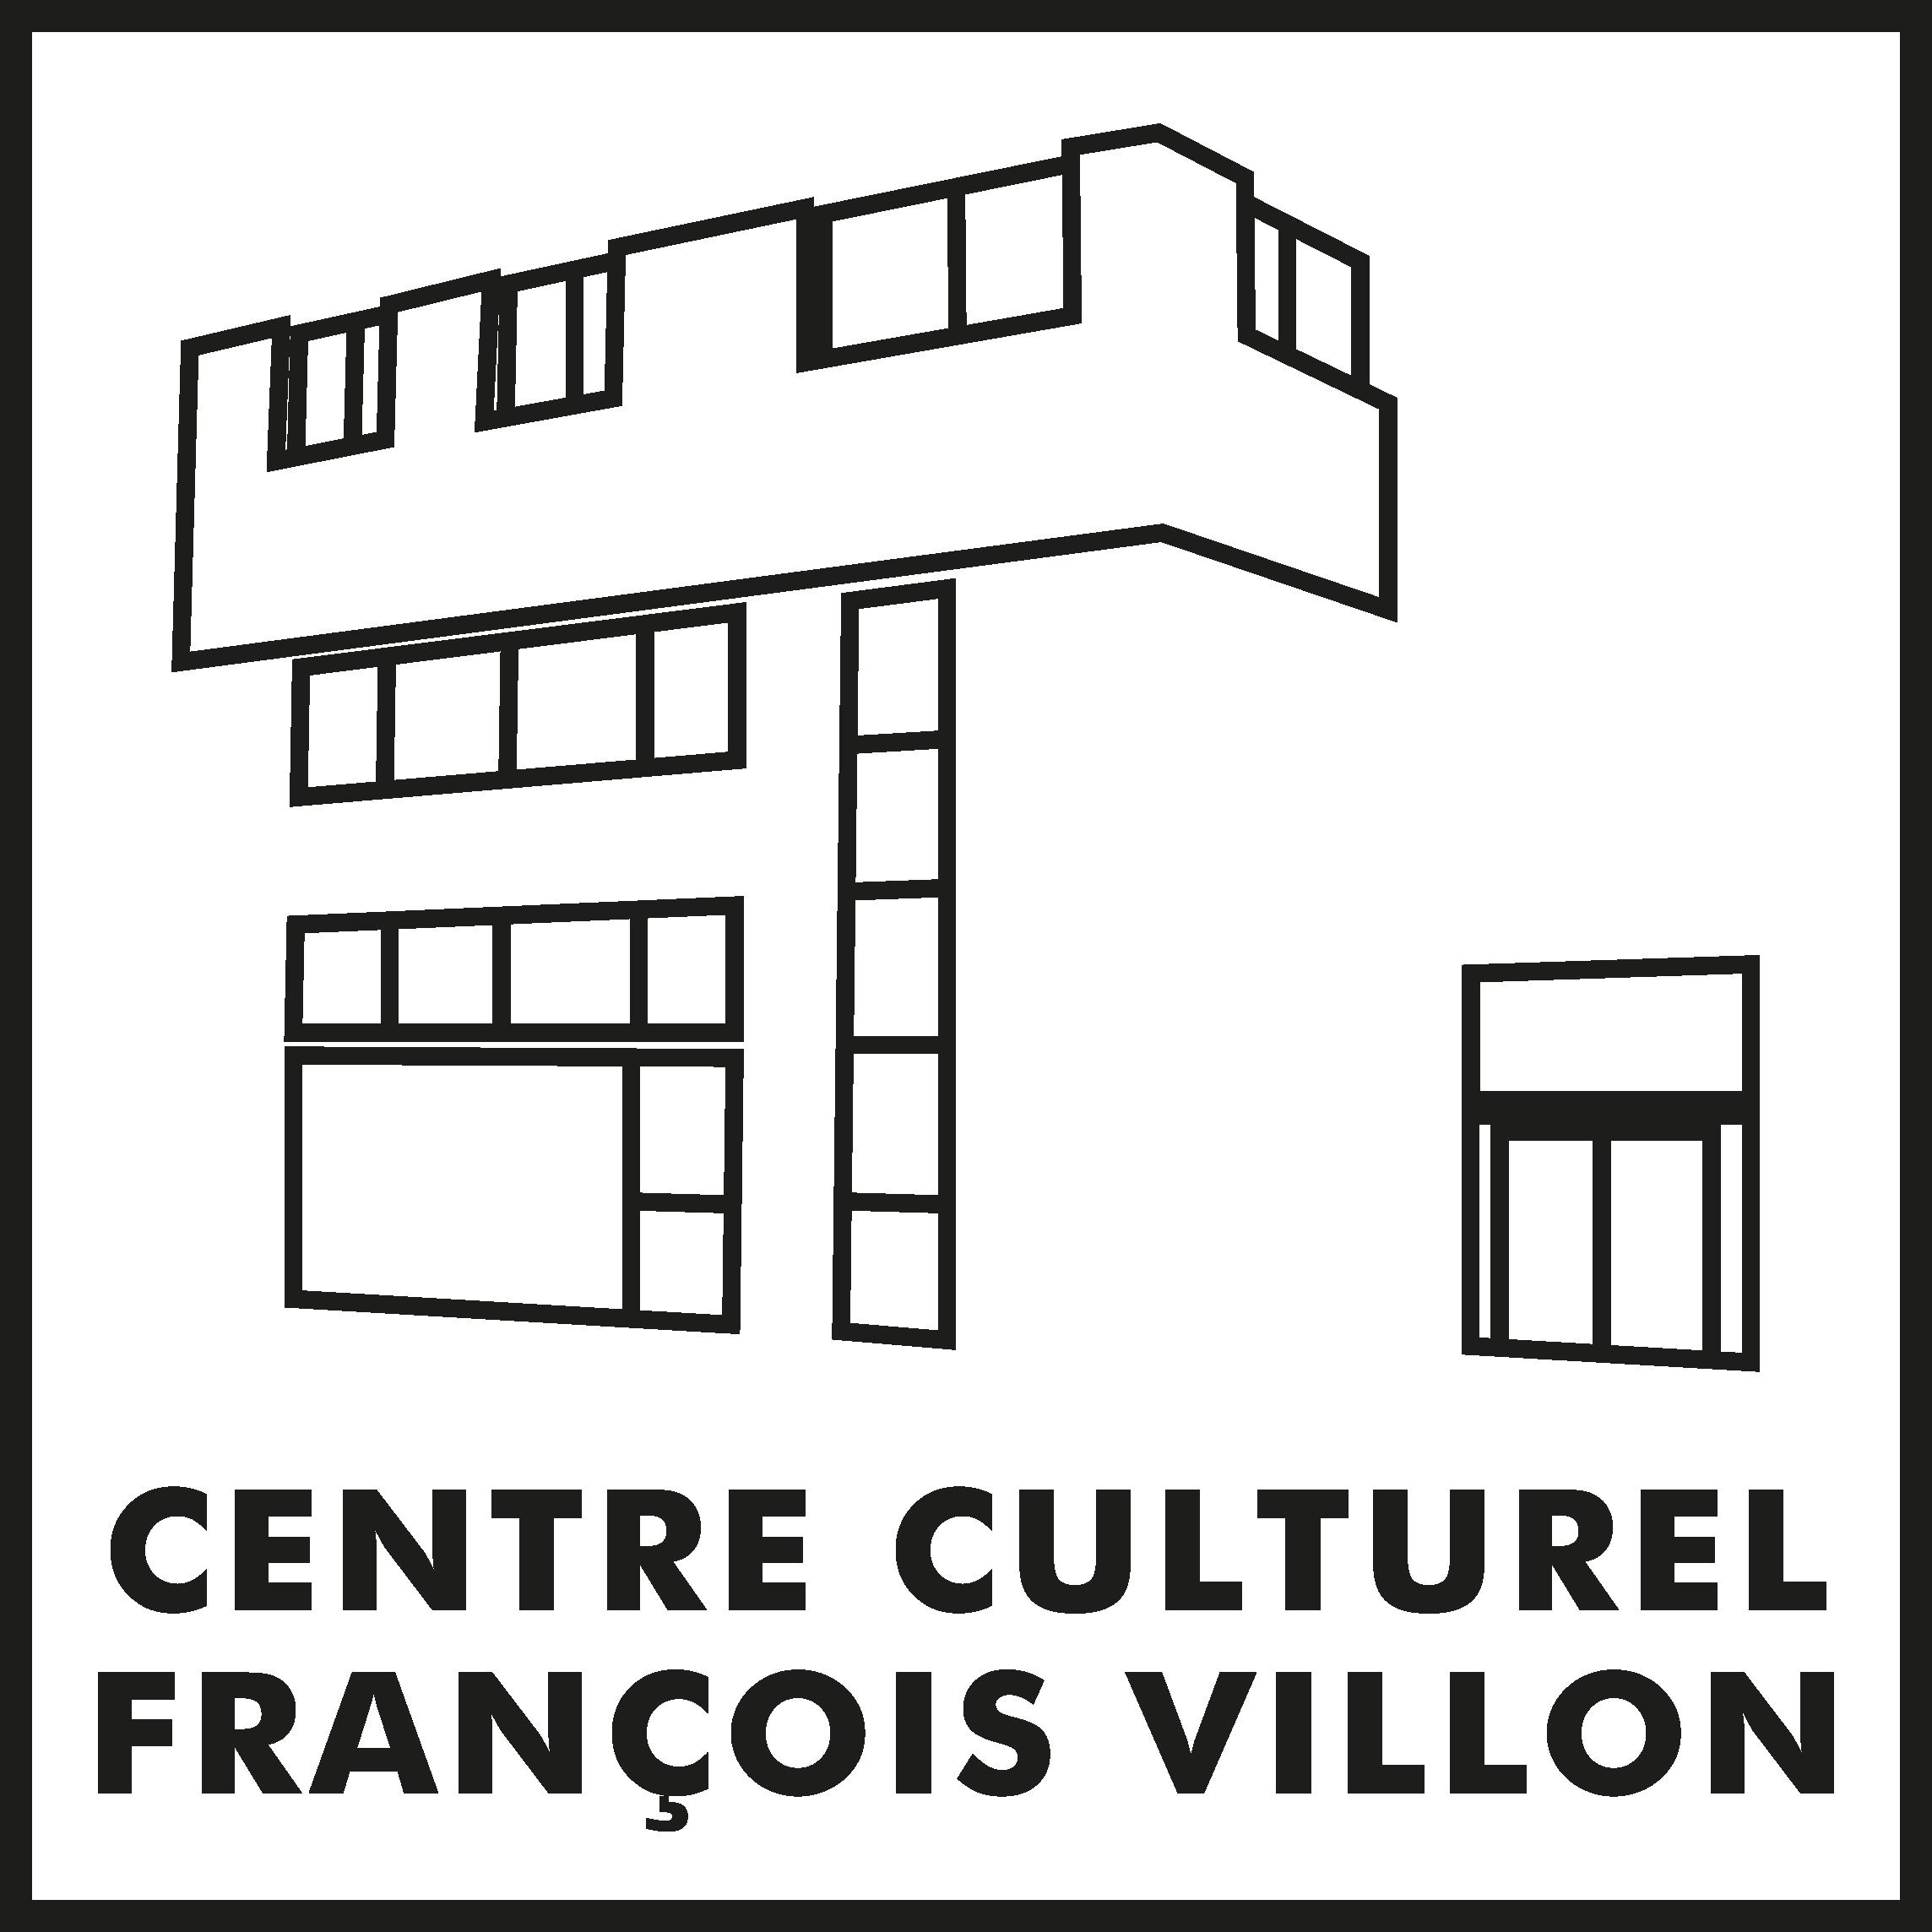 Centre Culturel François Villon